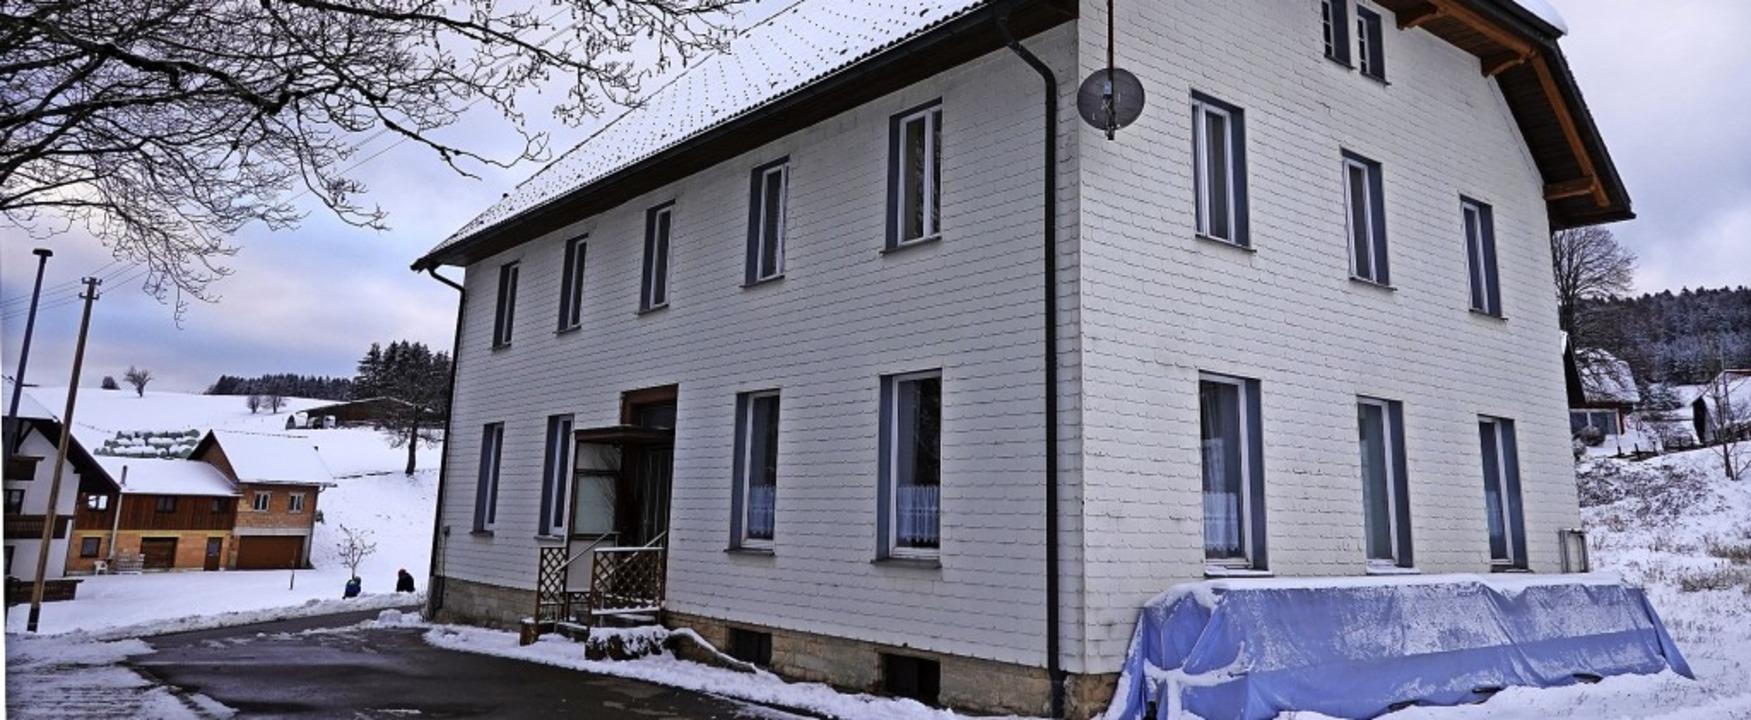 Die Sanierung des Altenschwander Schul... kommenden Haushaltsjahres eingeplant.  | Foto: Hans-Jürgen Sackmann